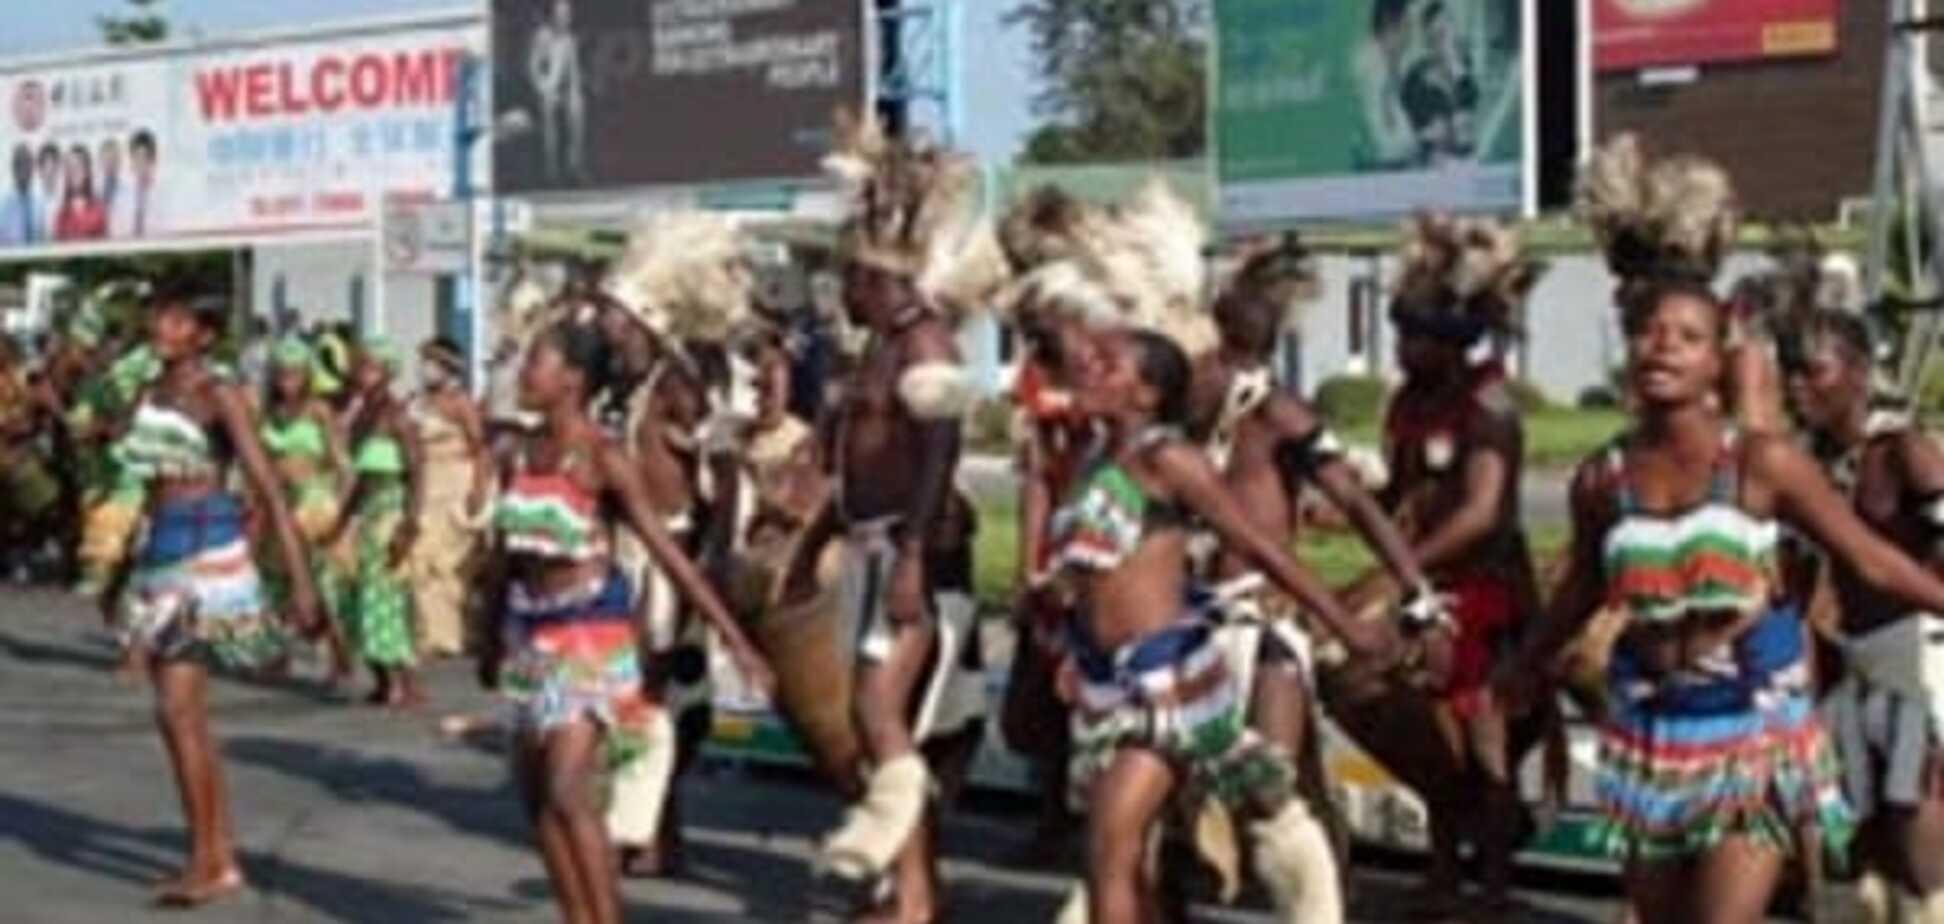 Бог почув наші крики! У Замбії запропонували унікальний спосіб боротьби з інфляцією